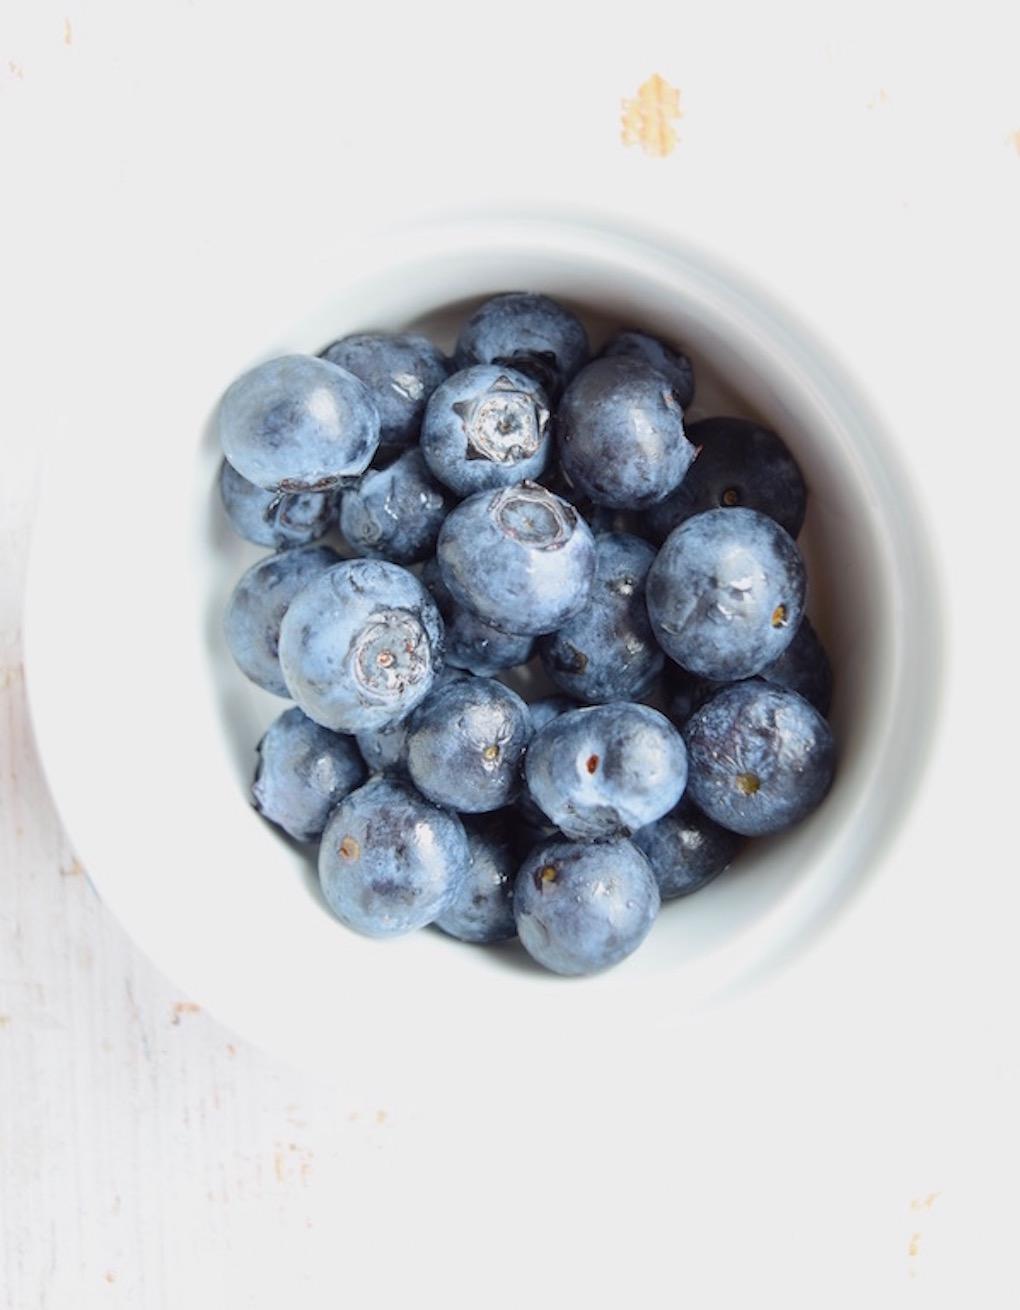 blaubeermuffins3